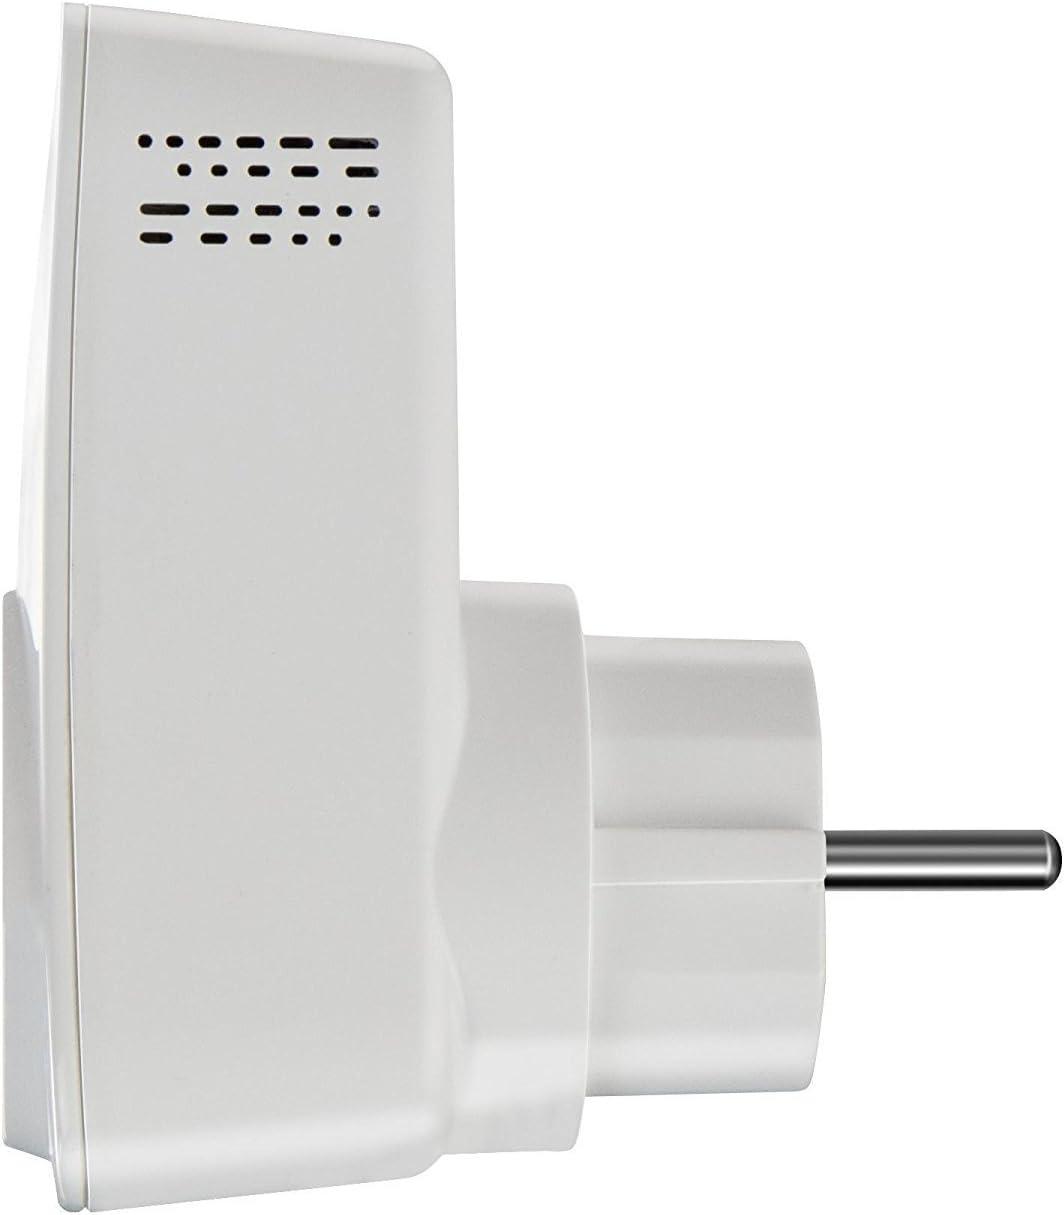 Broadlink Prise Intelligente Wifi//3G//4G avec veilleuse Pilotez Vos appareils /électriques de nimporte o/ù